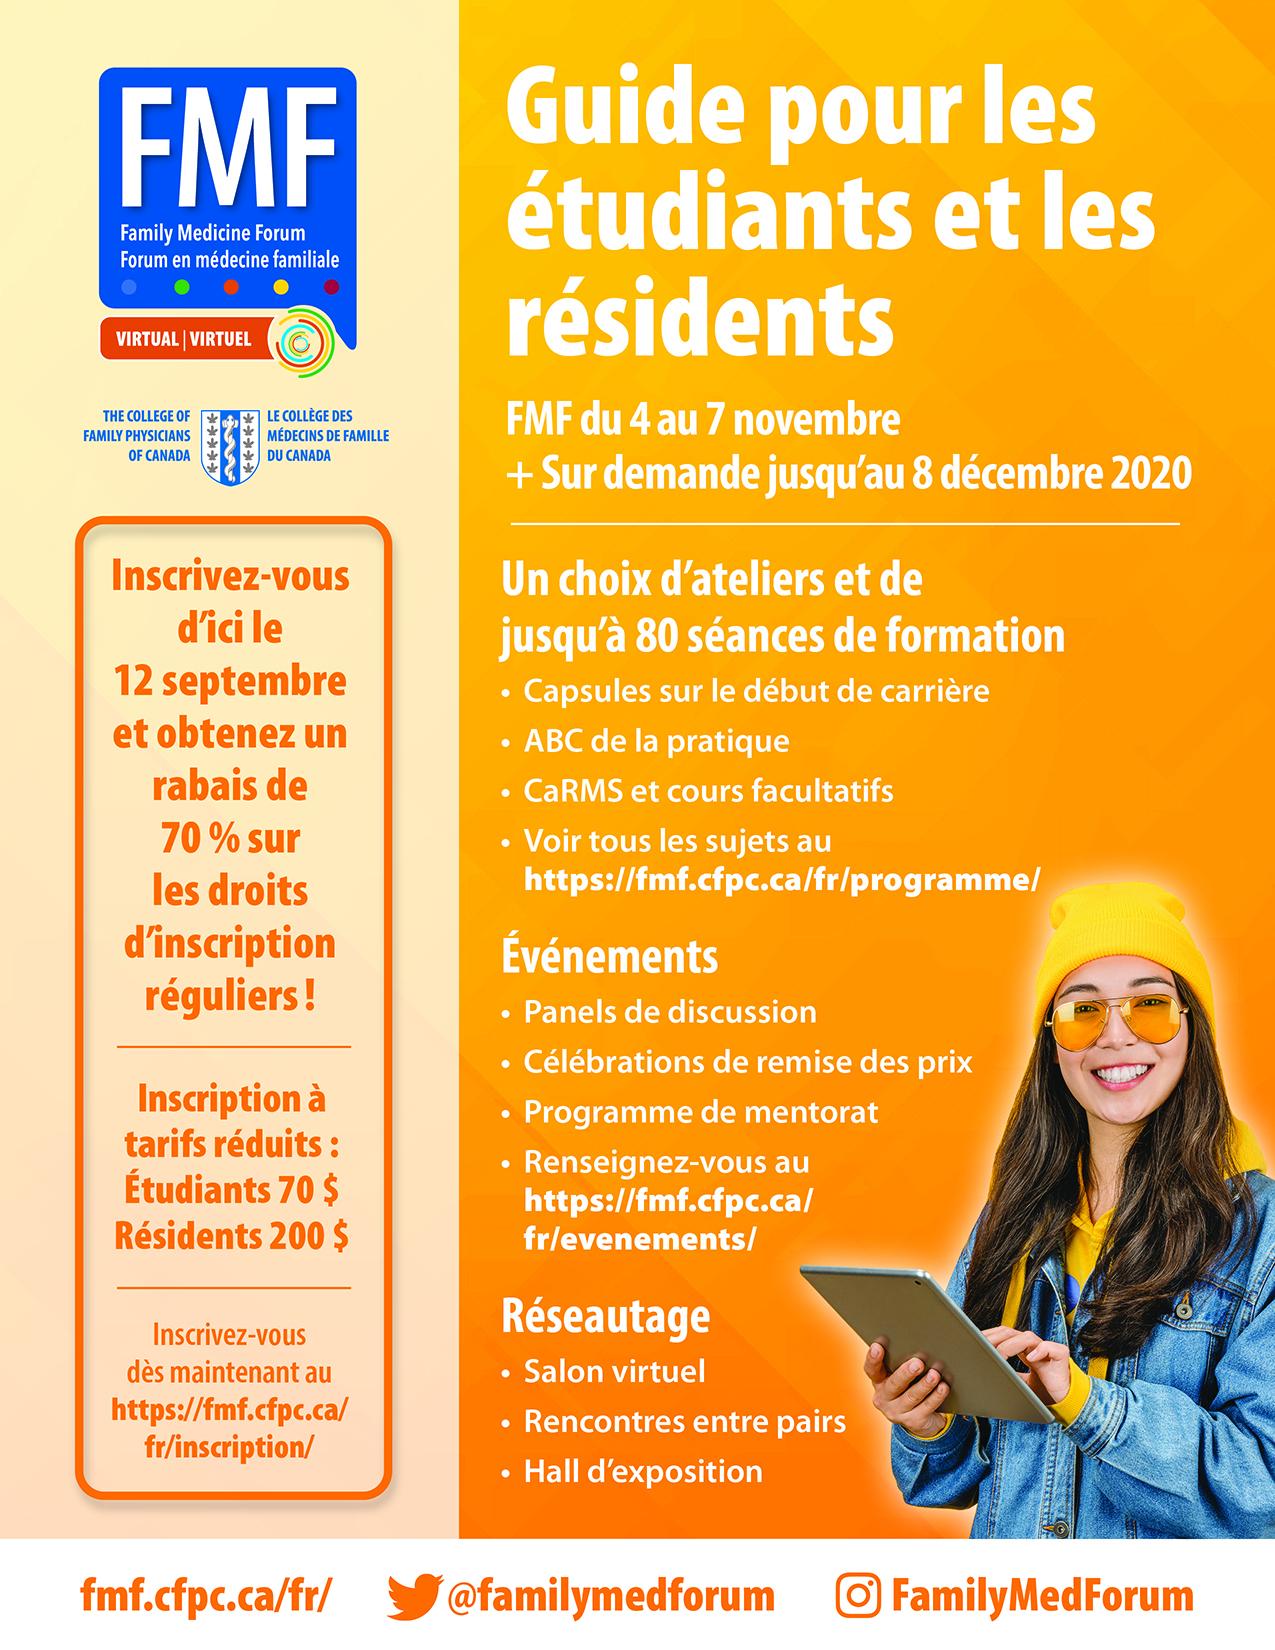 Guide pour les étudiants et les résidents